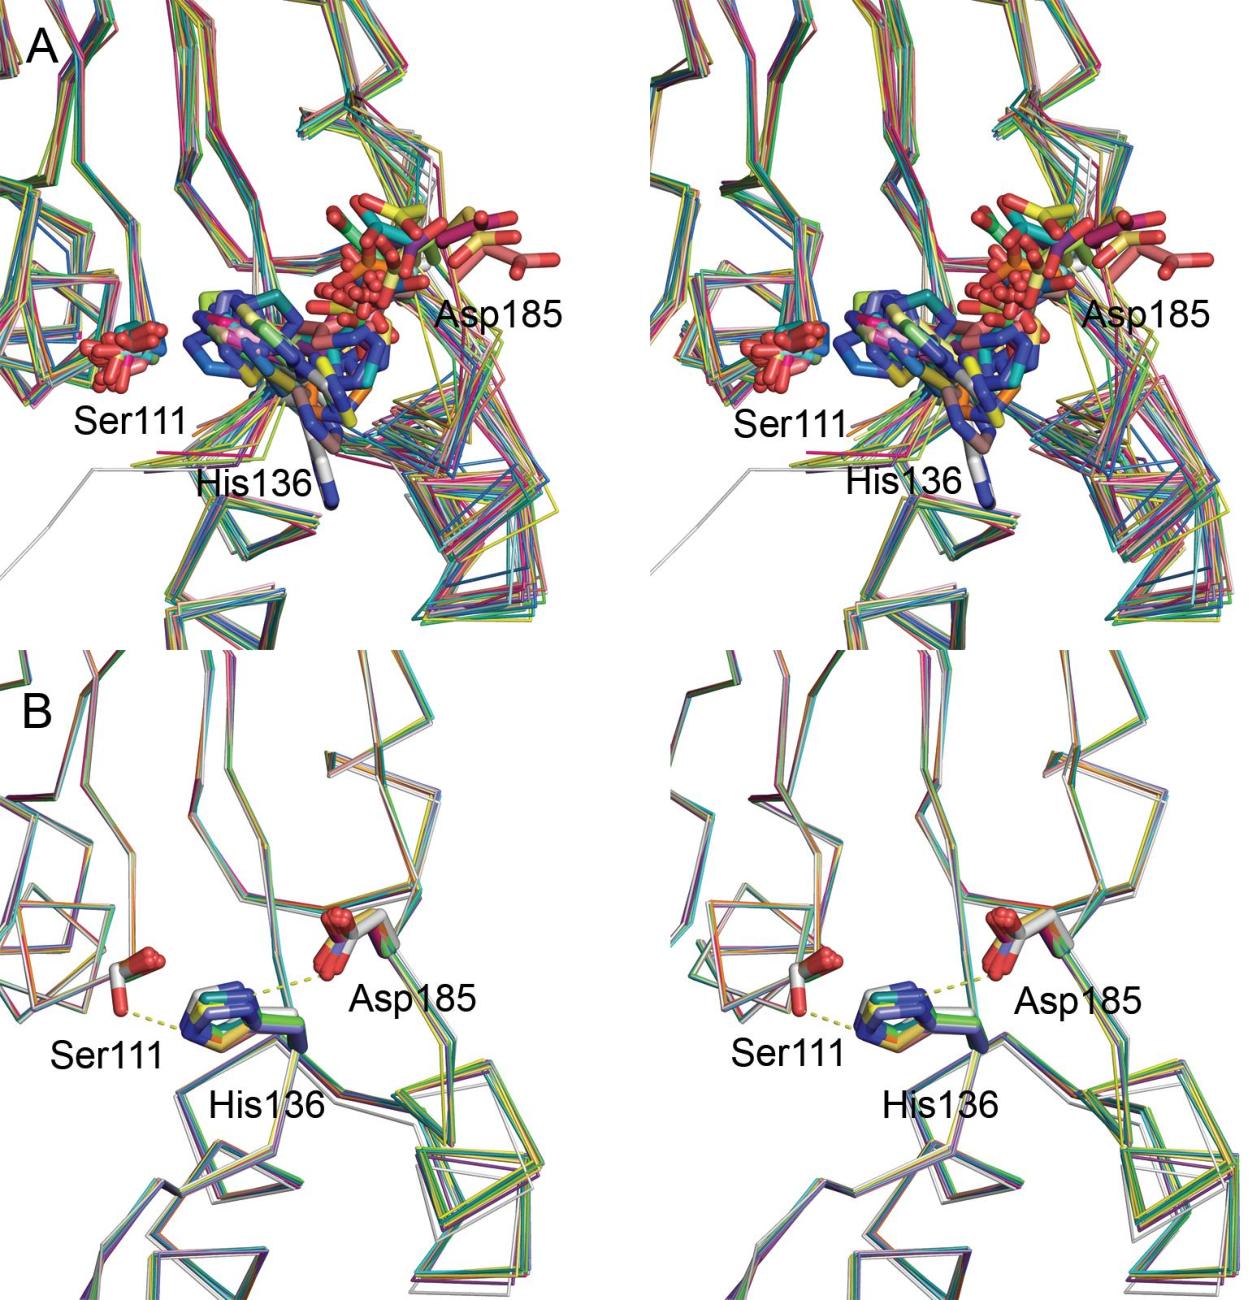 Figure 25. Overlay of the catalytic sites in ClpP.